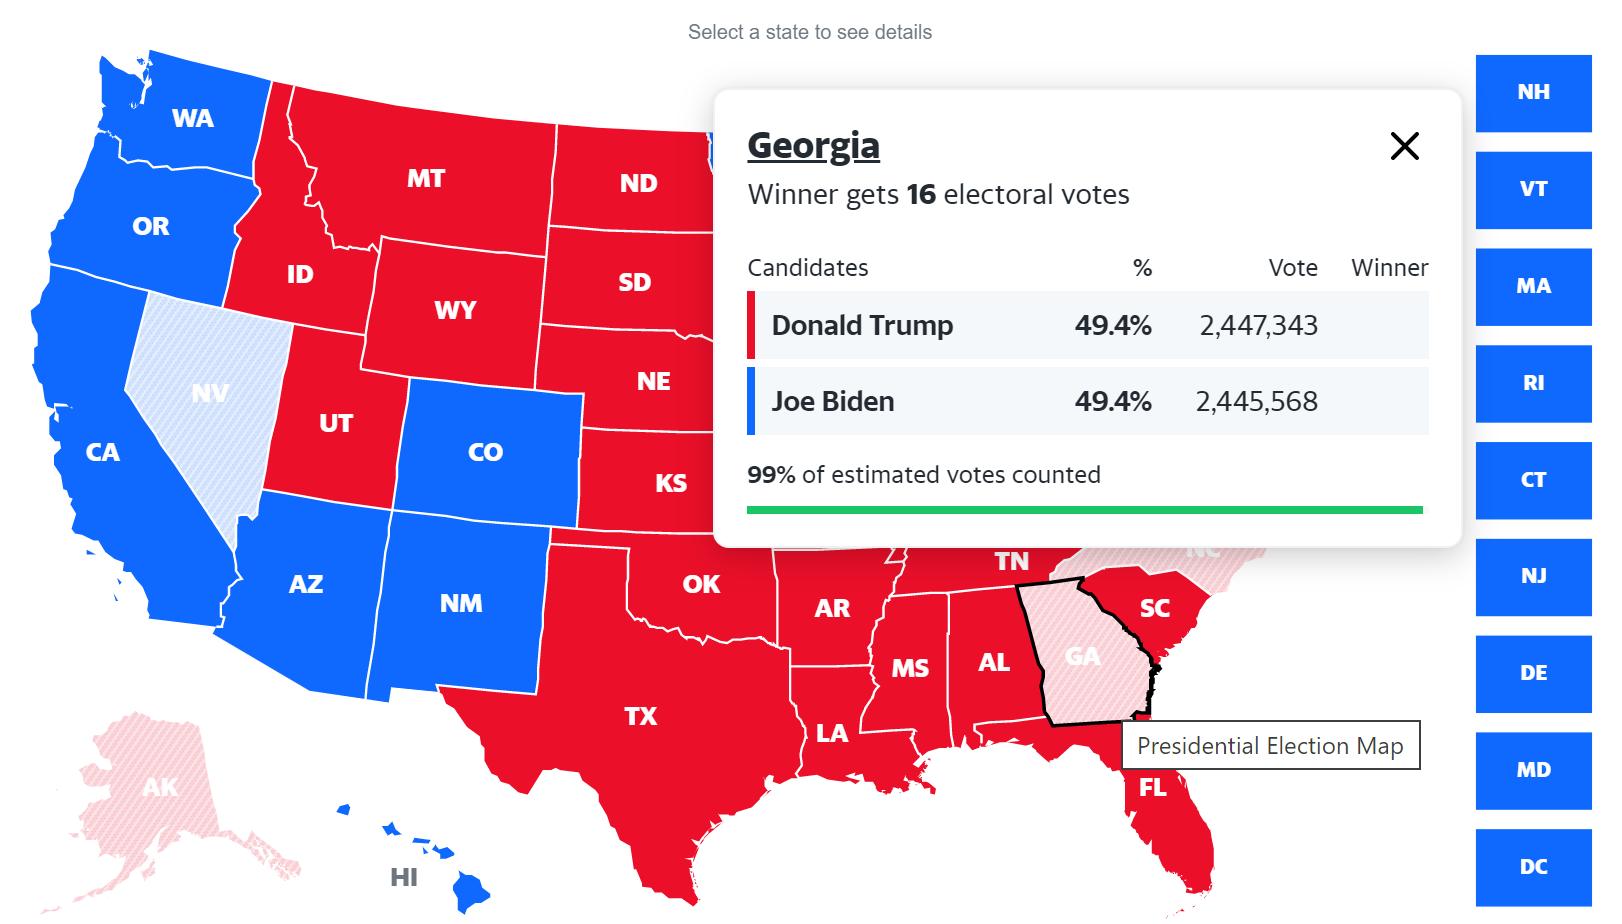 UPDATE: 10:35 PM EST Biden chỉ còn bị dẫn hơn 1,700 phiếu ở Georgia với 14 ngàn phiếu còn để đếm